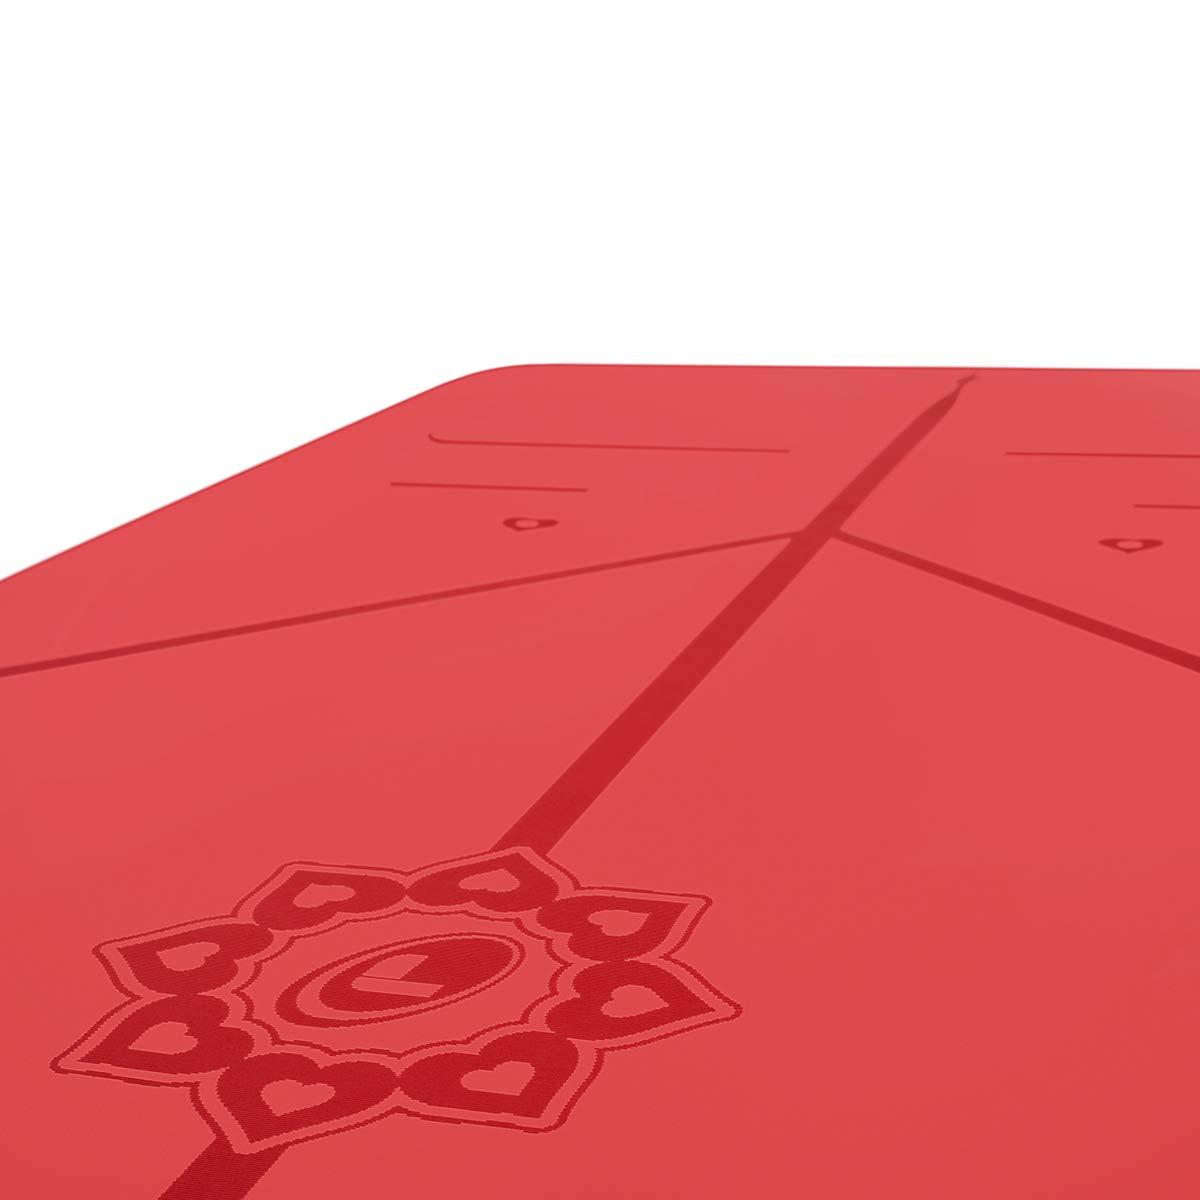 Mejor Alfombrilla de Yoga Antideslizante del Mundo Colchoneta De Yoga Ecol/ógica Edici/ón Especial Love con Sistema De Alineaci/ón Original y Patentado Liforme Esterilla Yoga Love De Viaje